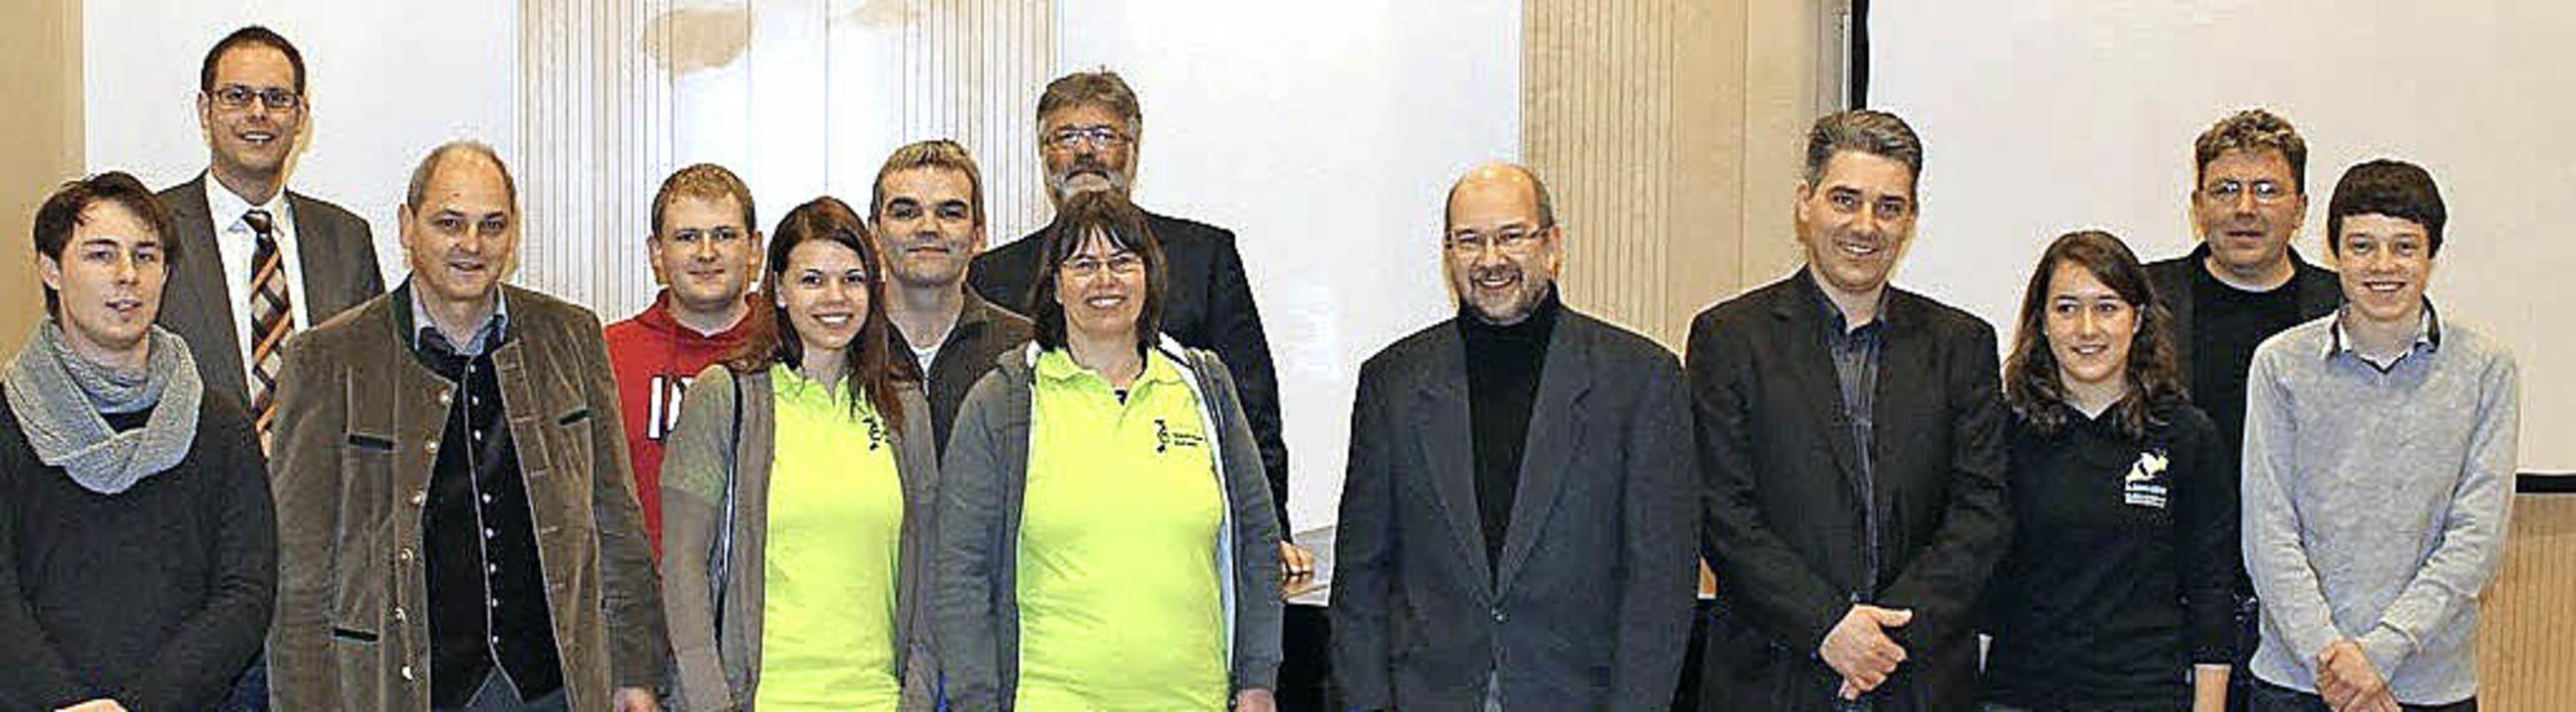 Die stolzen Preisträger: Die Rickenbac... Kaeser, Judith Beck und Ralf Eckert.   | Foto: BZ